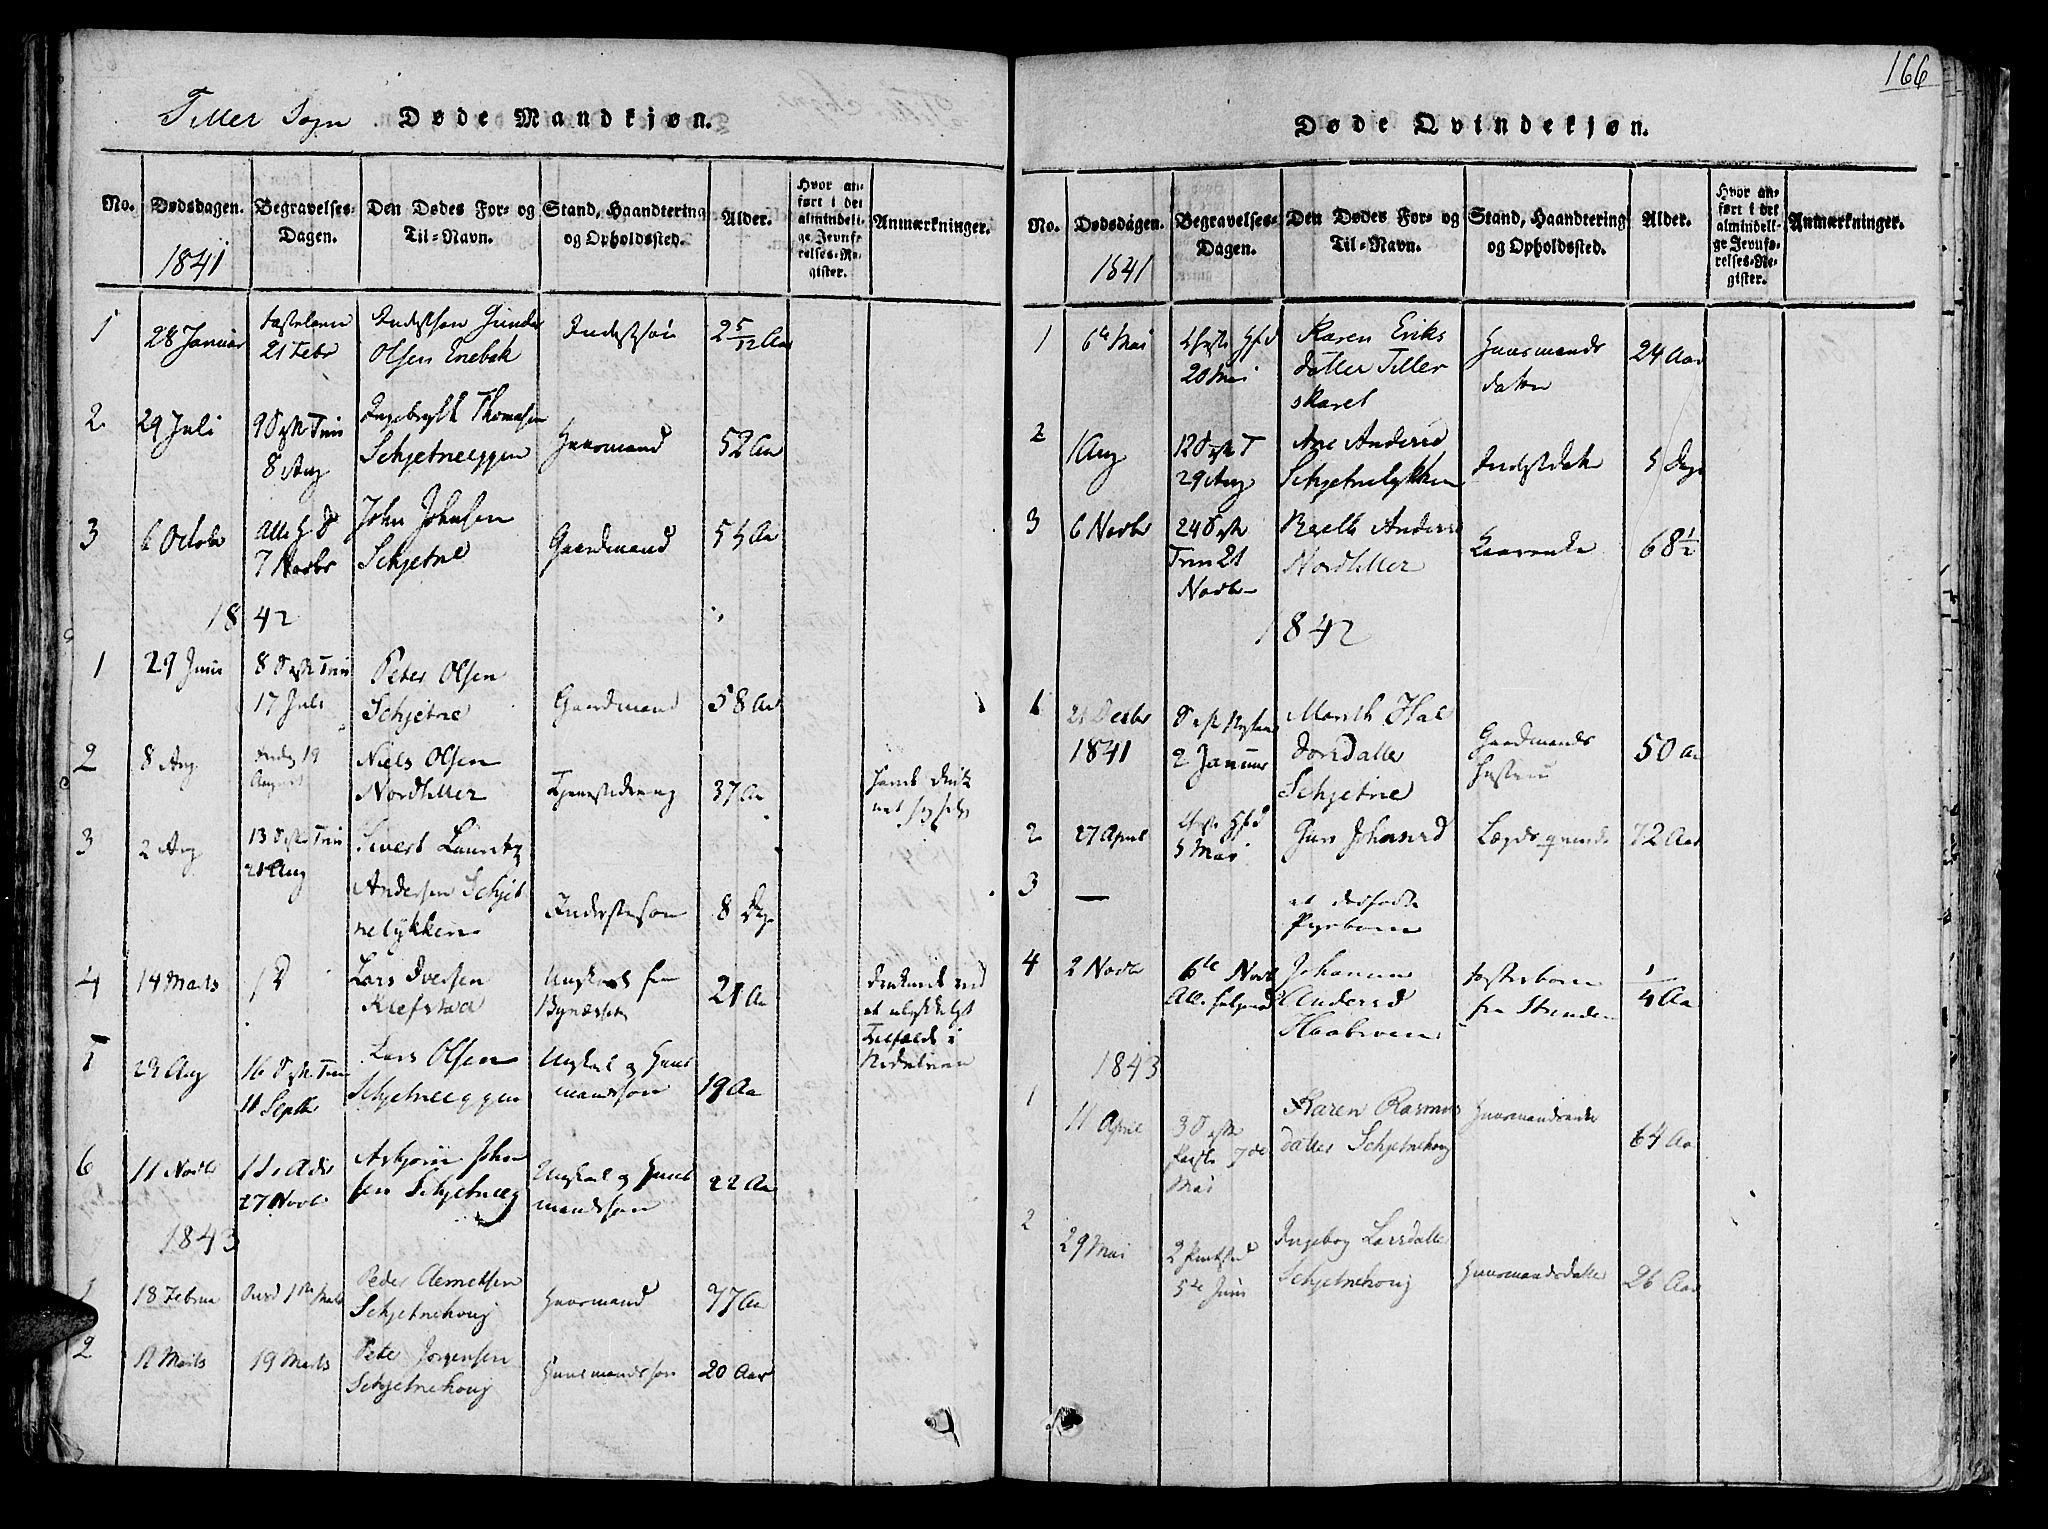 SAT, Ministerialprotokoller, klokkerbøker og fødselsregistre - Sør-Trøndelag, 618/L0440: Ministerialbok nr. 618A04 /2, 1816-1843, s. 166